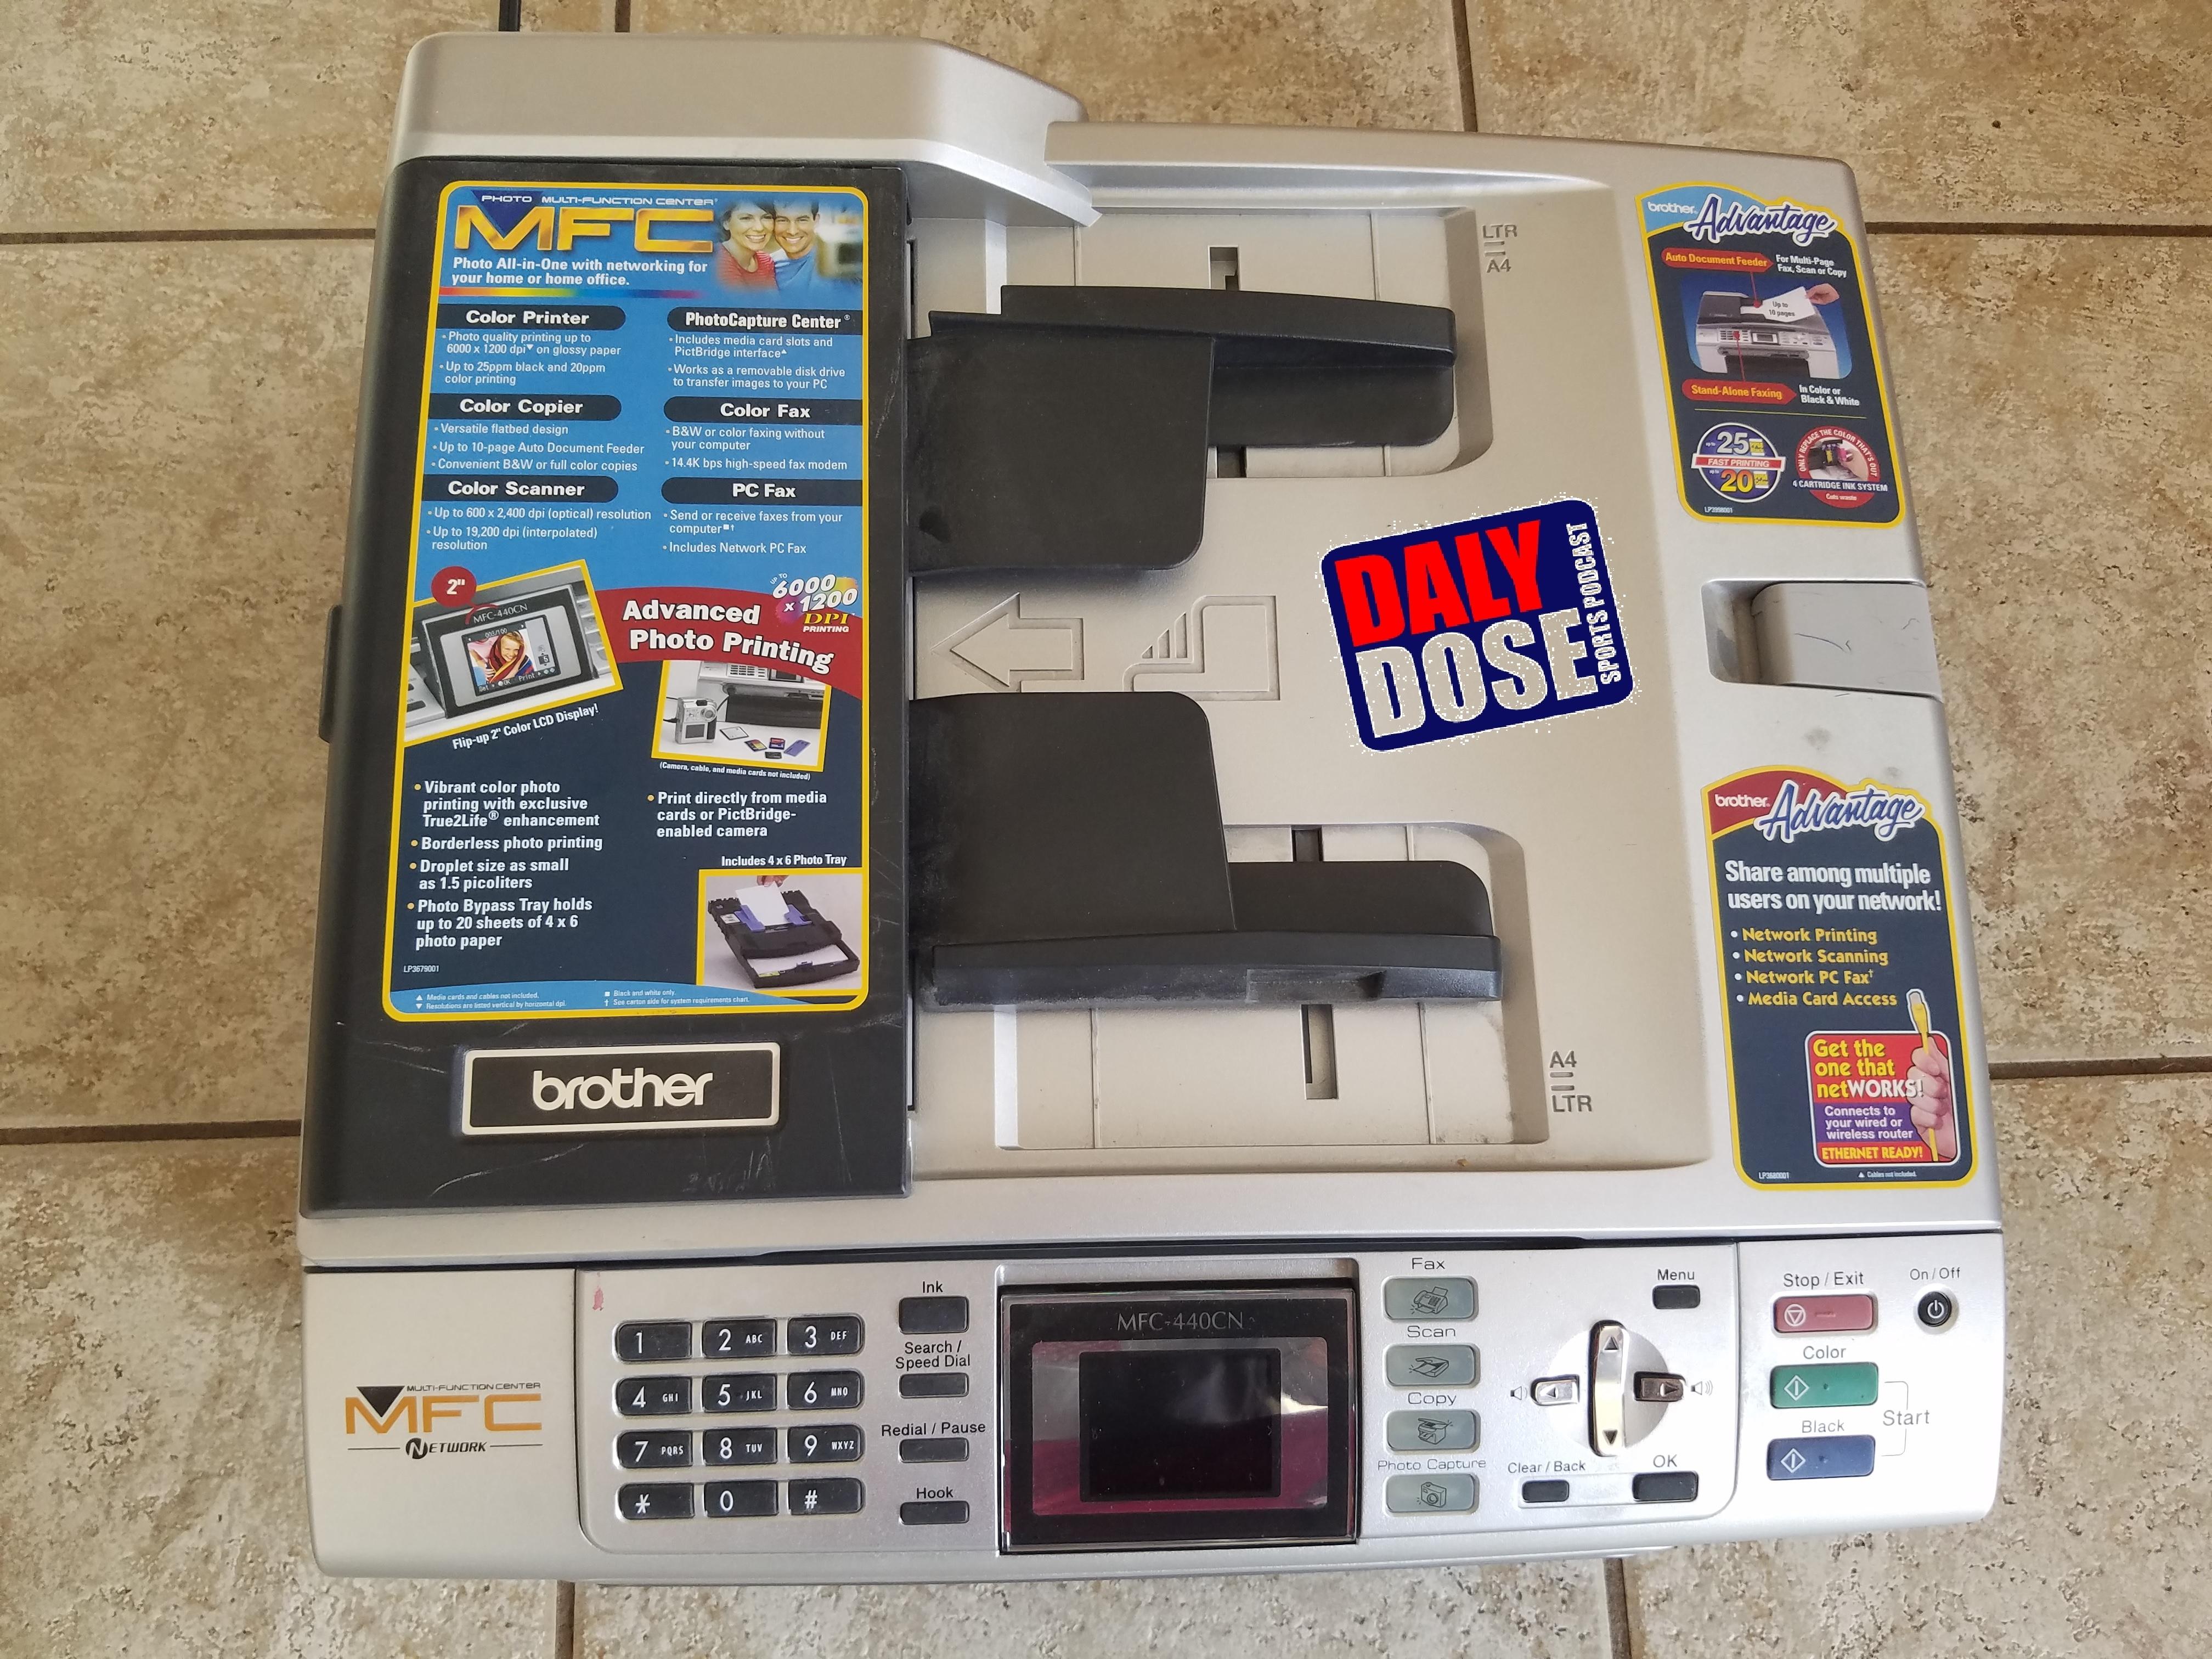 Dose fax closed